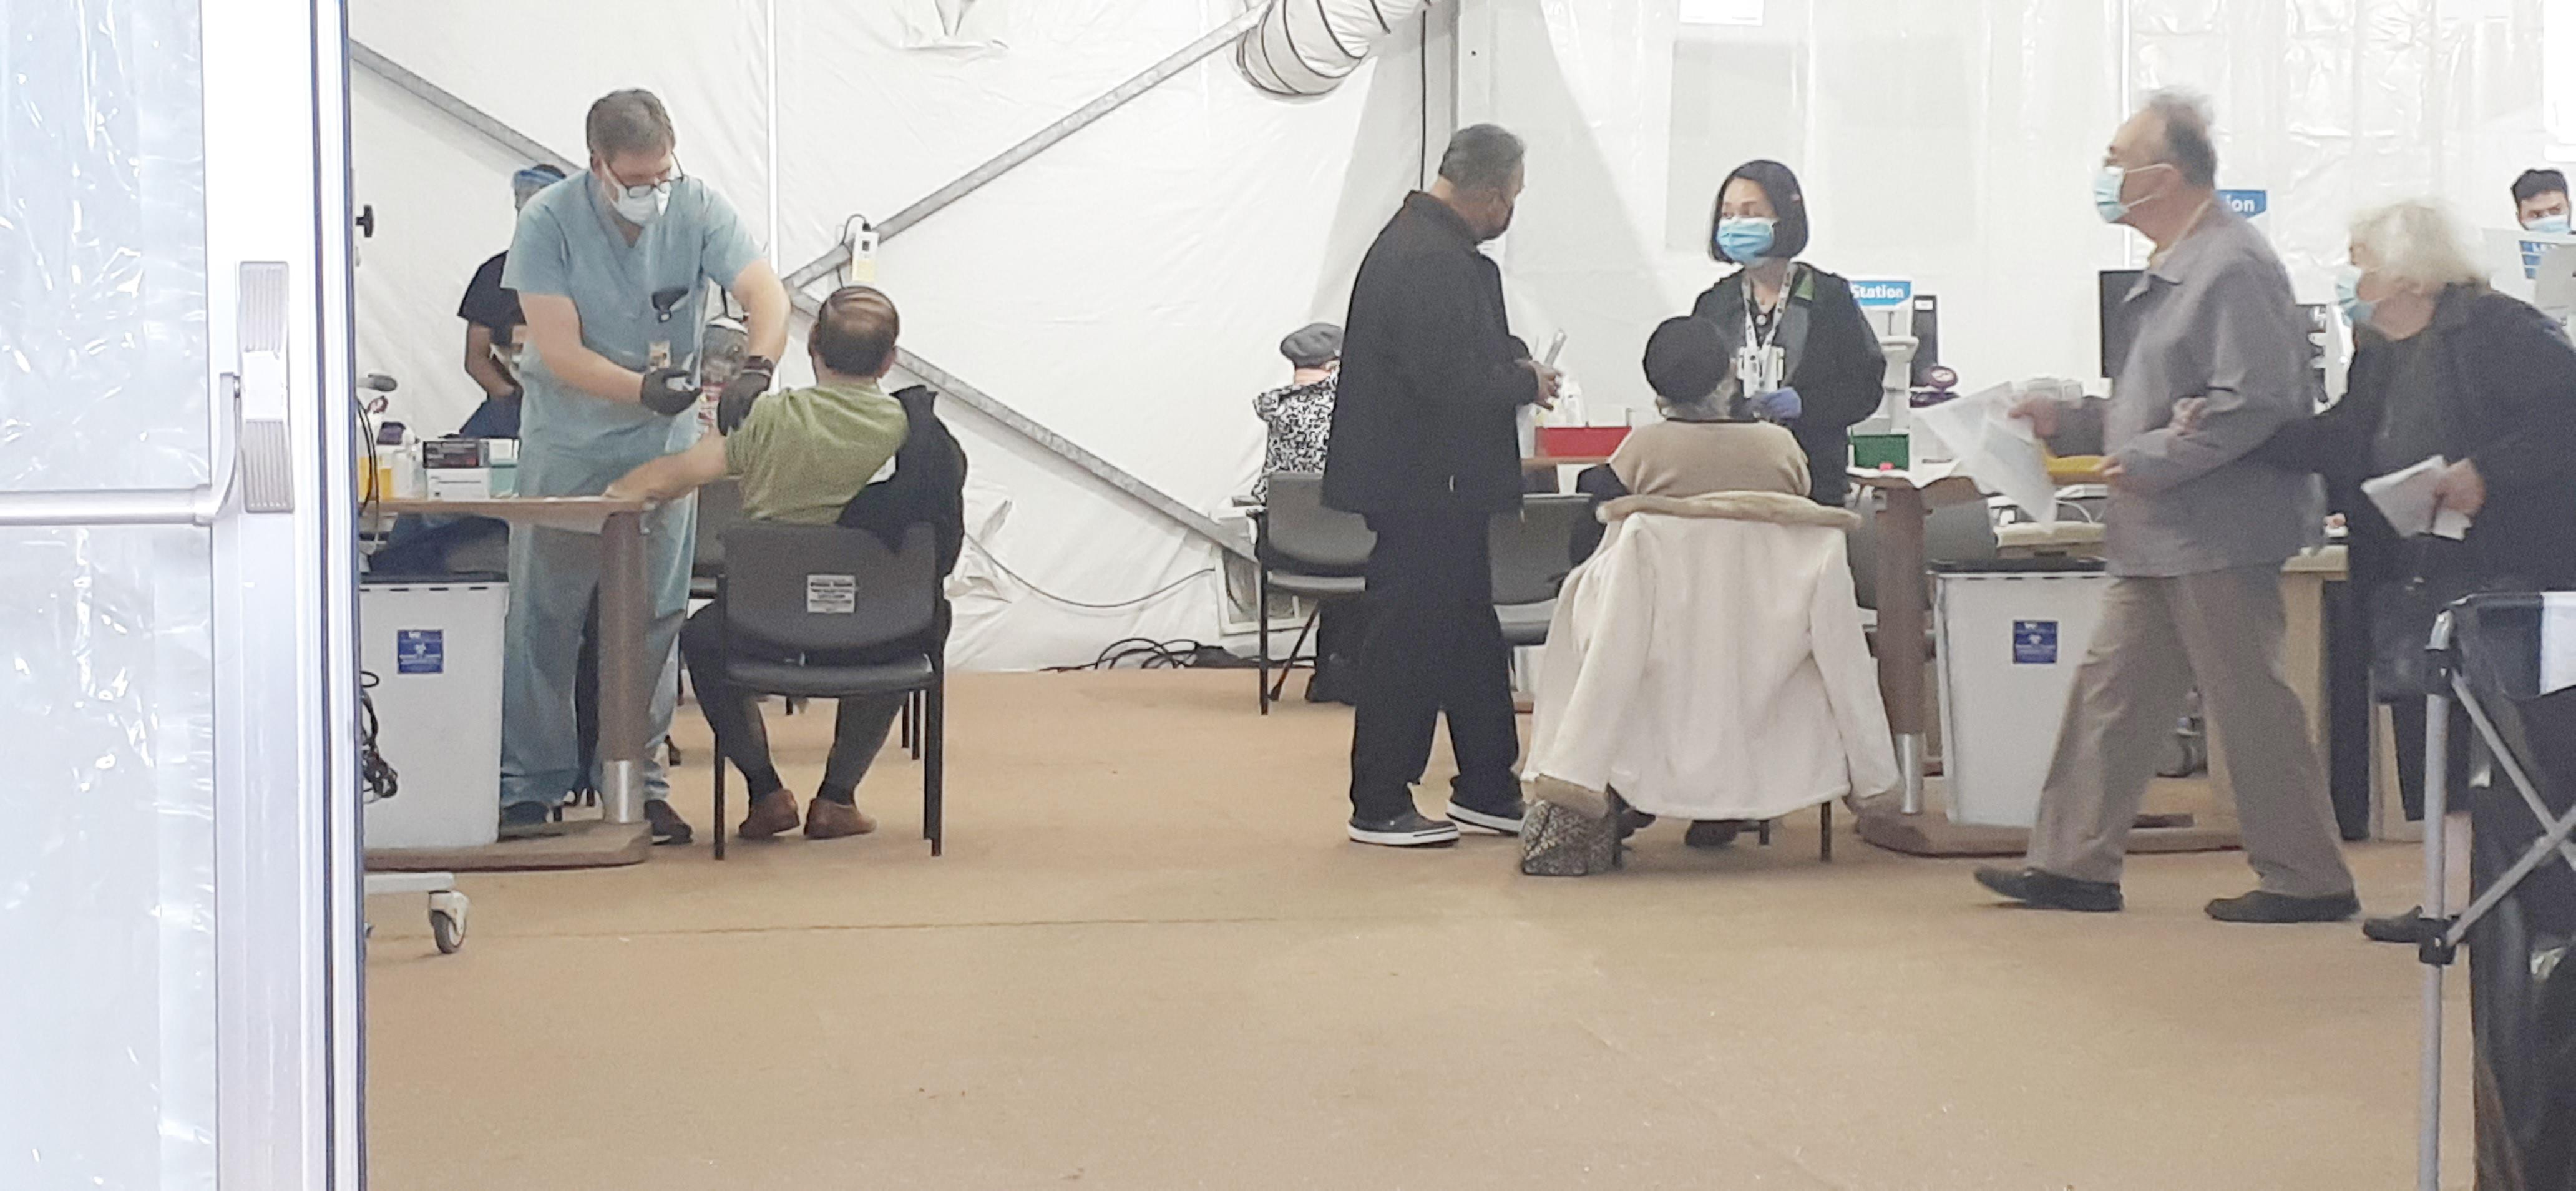 ▲ 카이저 병원은 백신접종 시설을 구비하고 1차와 2차 접종자에게 서비스하고 있다.